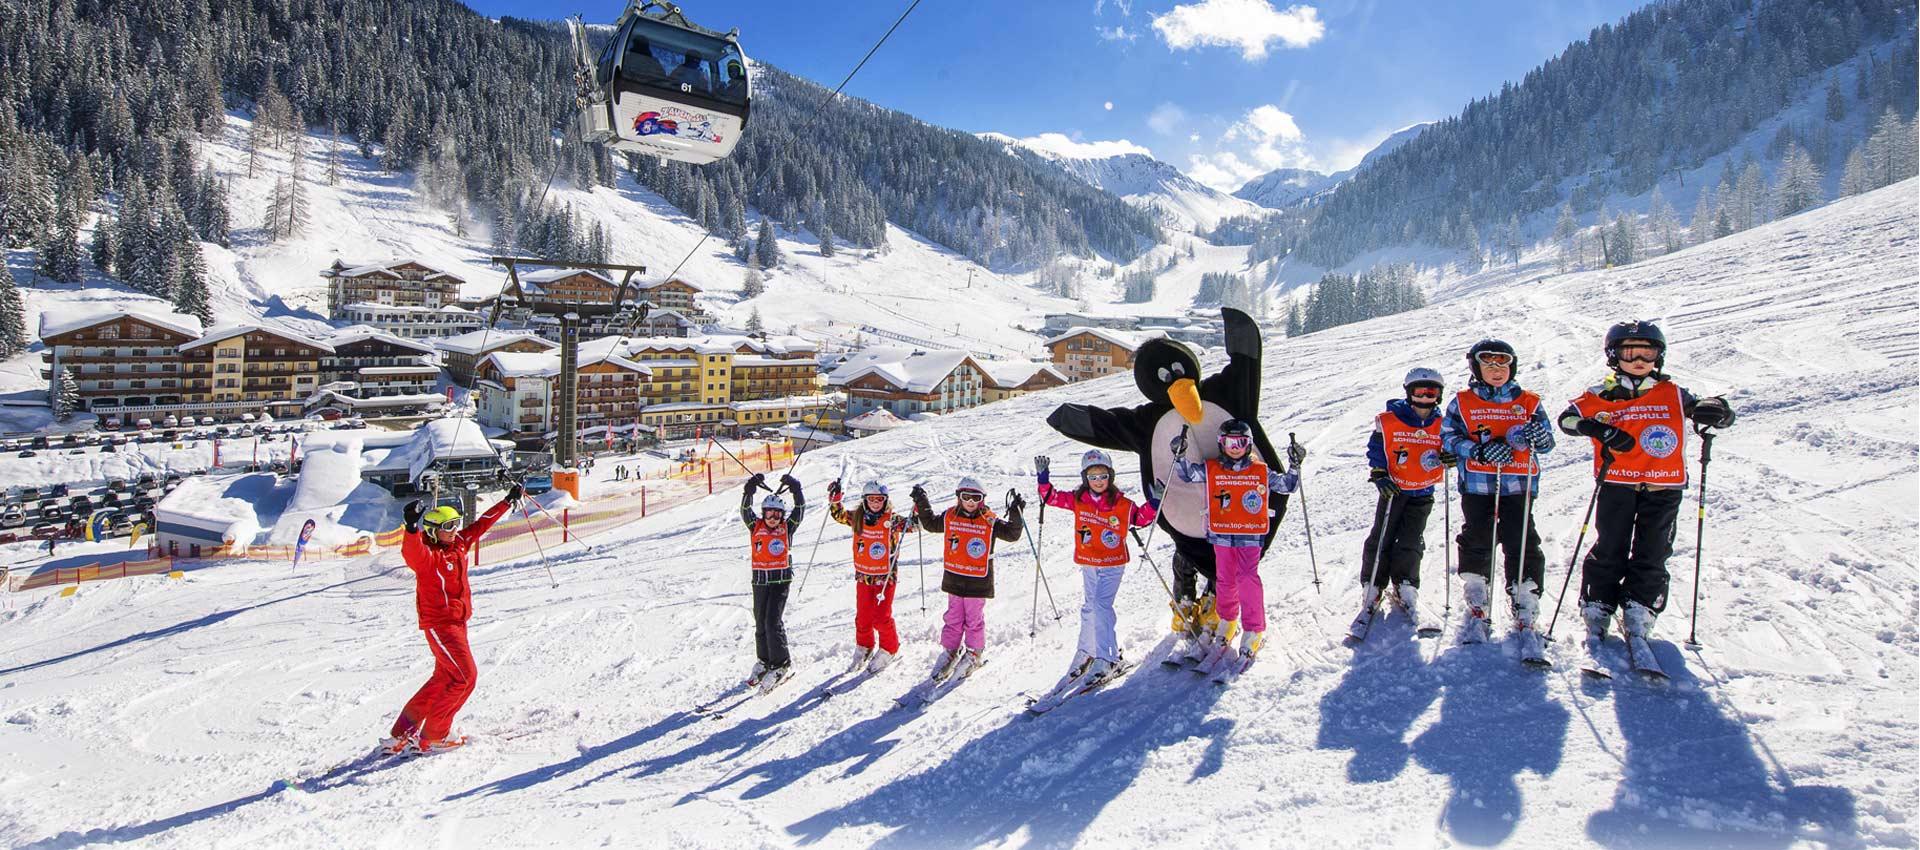 Skischule - Zauchensee - Weltmeisterskischule Top Alpin Walchhofer - Skikurse